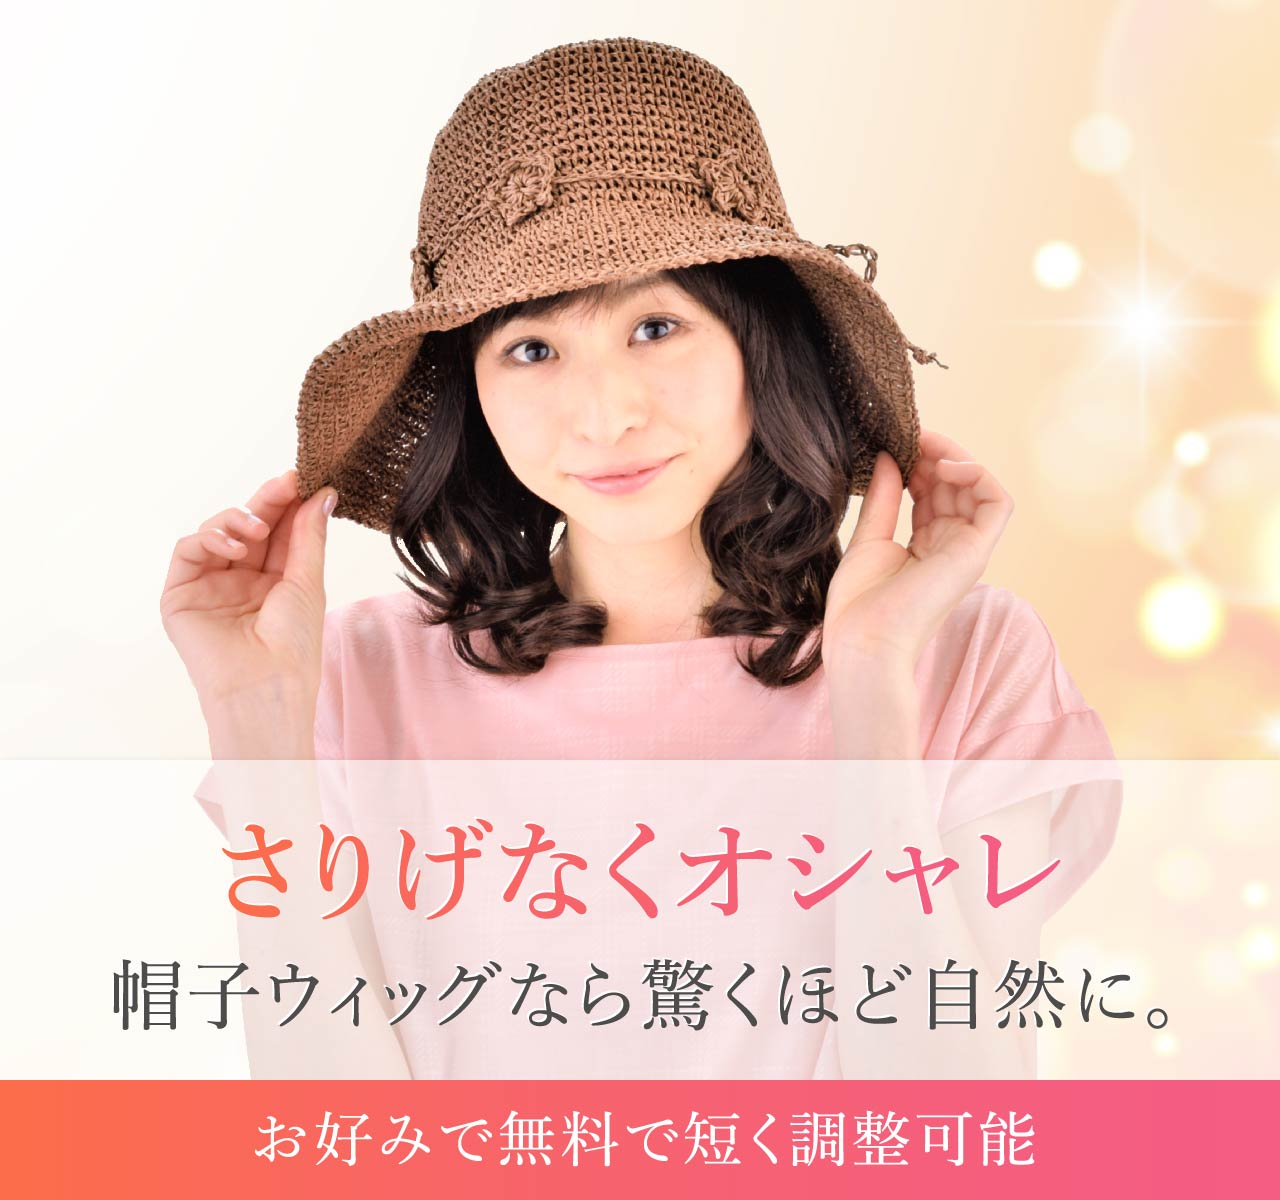 さりげなくオシャレ 帽子ウィッグなら驚くほど自然な印象に。お好みで無料で短く調整可能